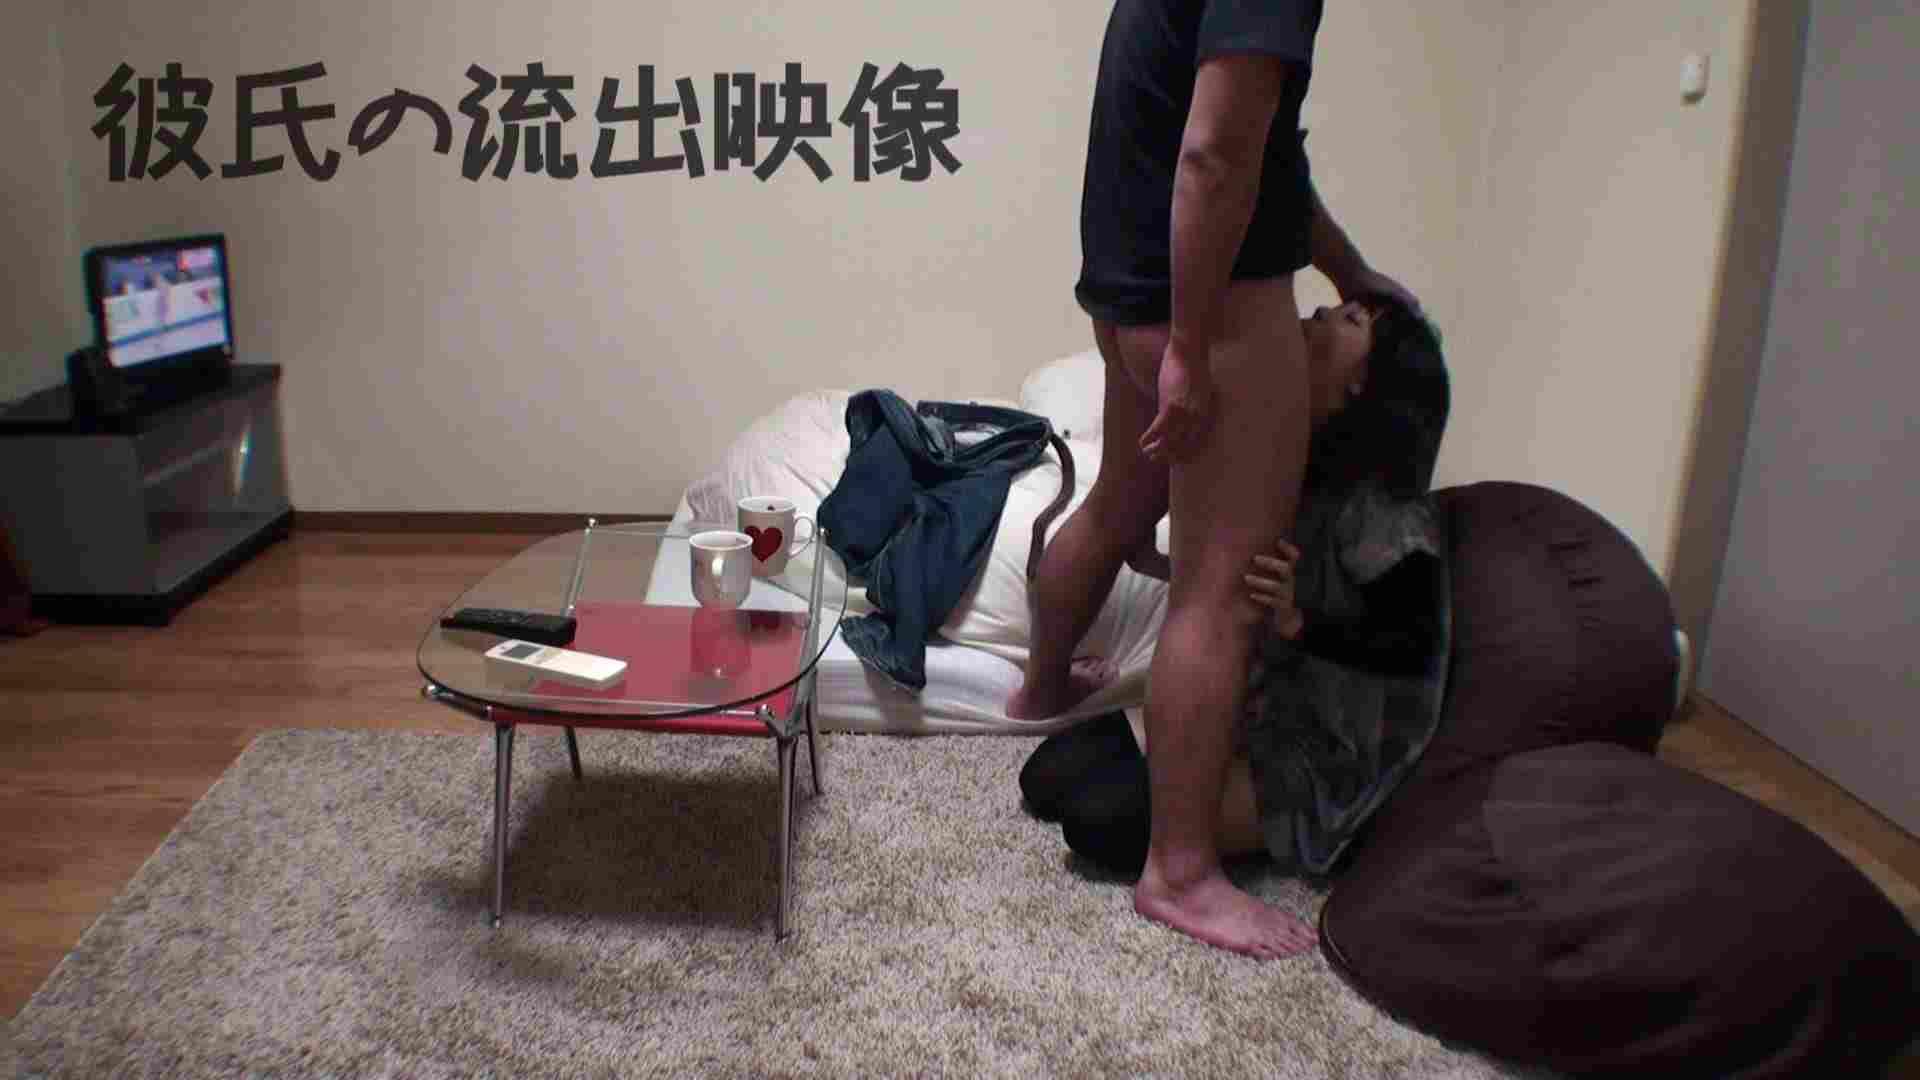 彼氏が流出 パイパン素人嬢のハメ撮り映像02 中出し 隠し撮りオマンコ動画紹介 38連発 5